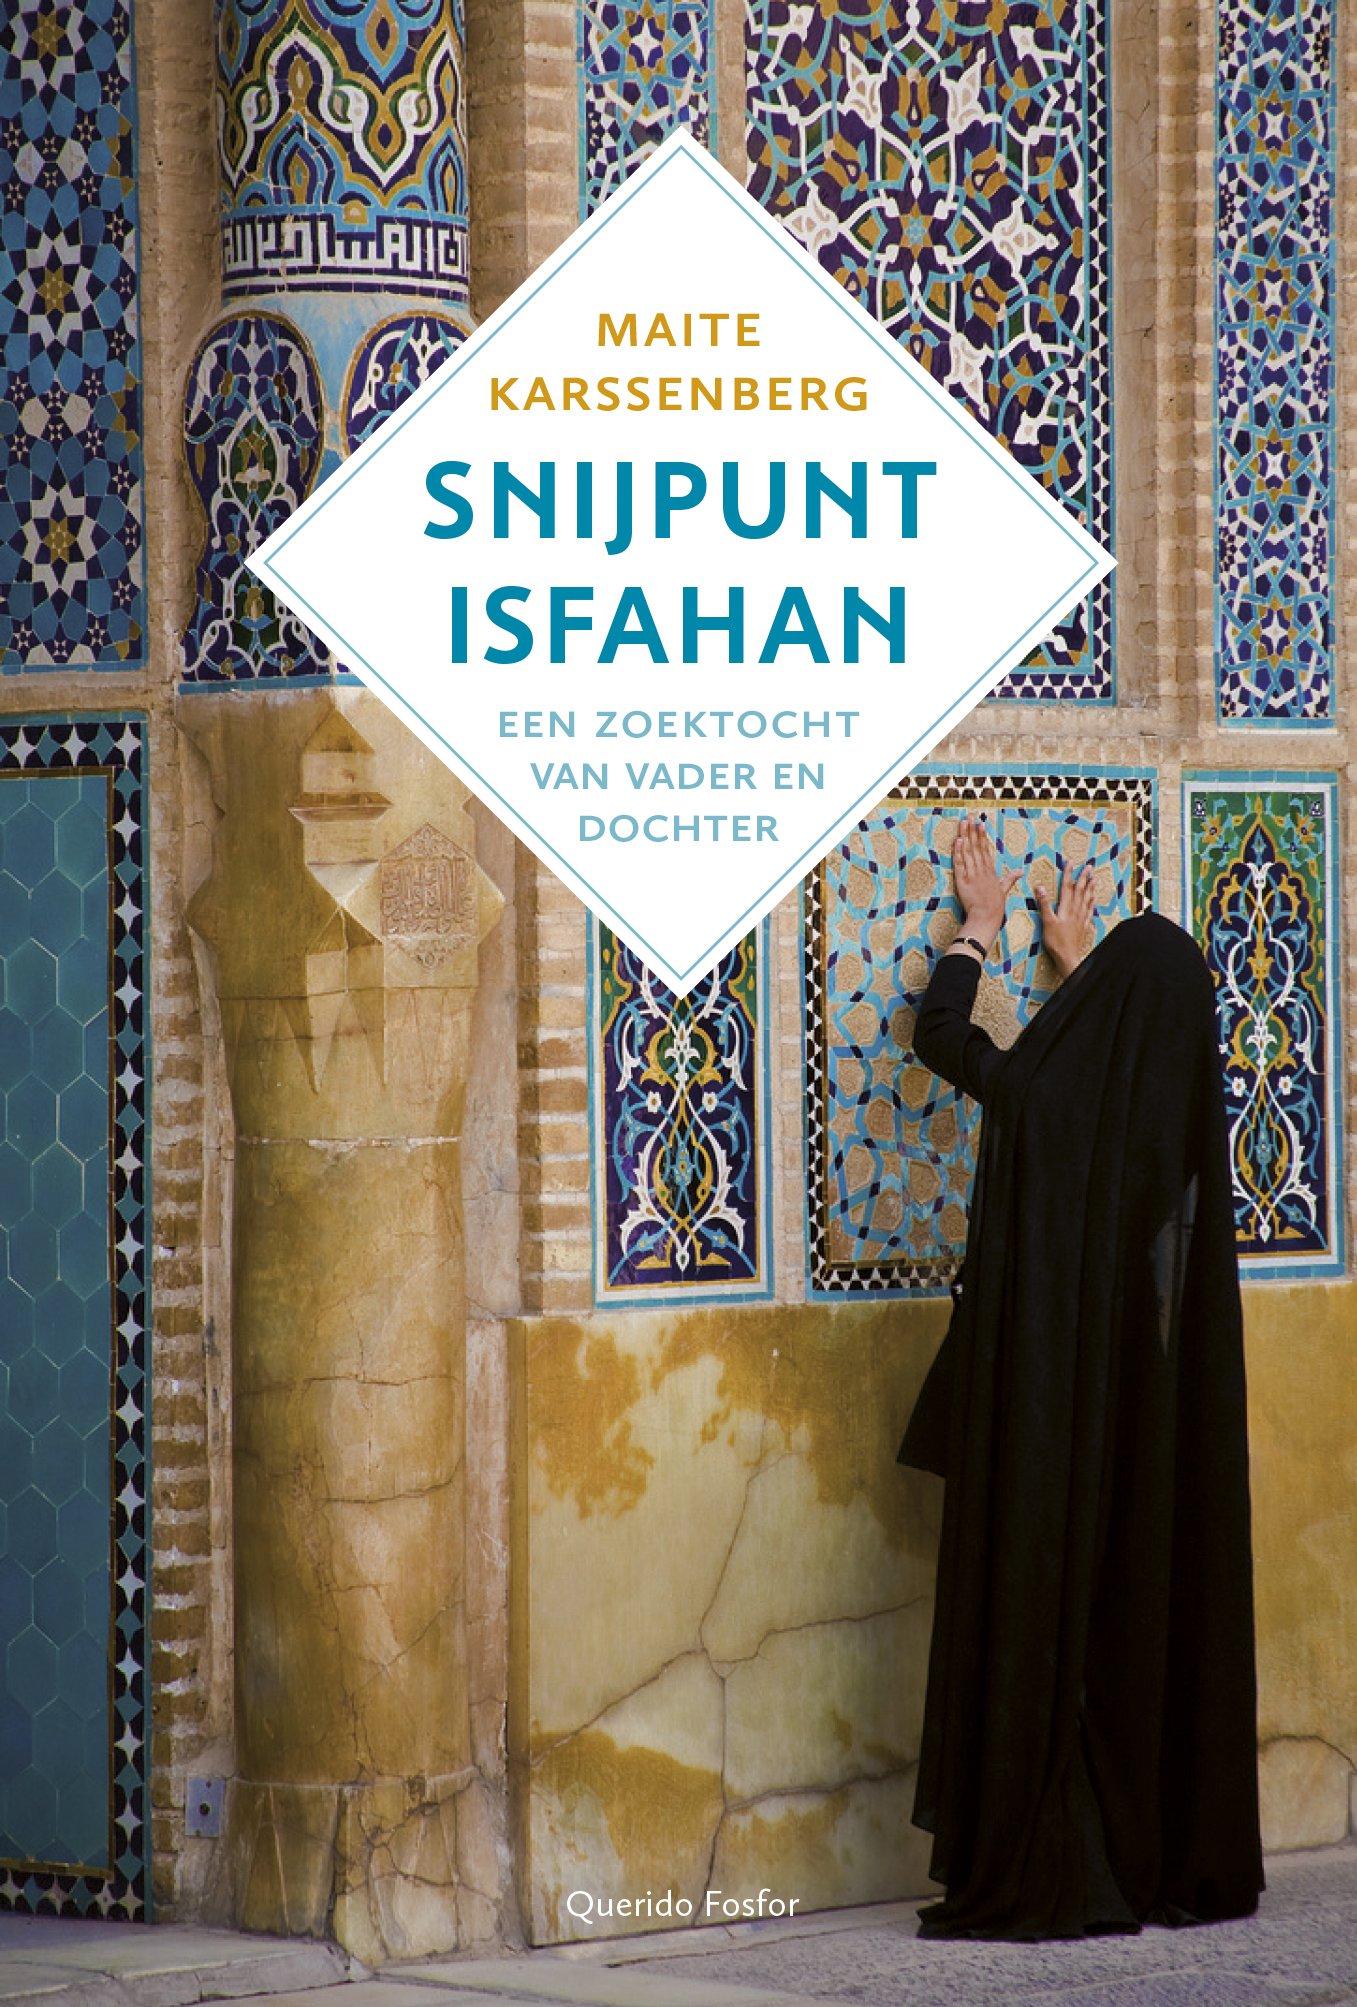 Snijpunt Isfahan: Een zoektocht van vader en dochter